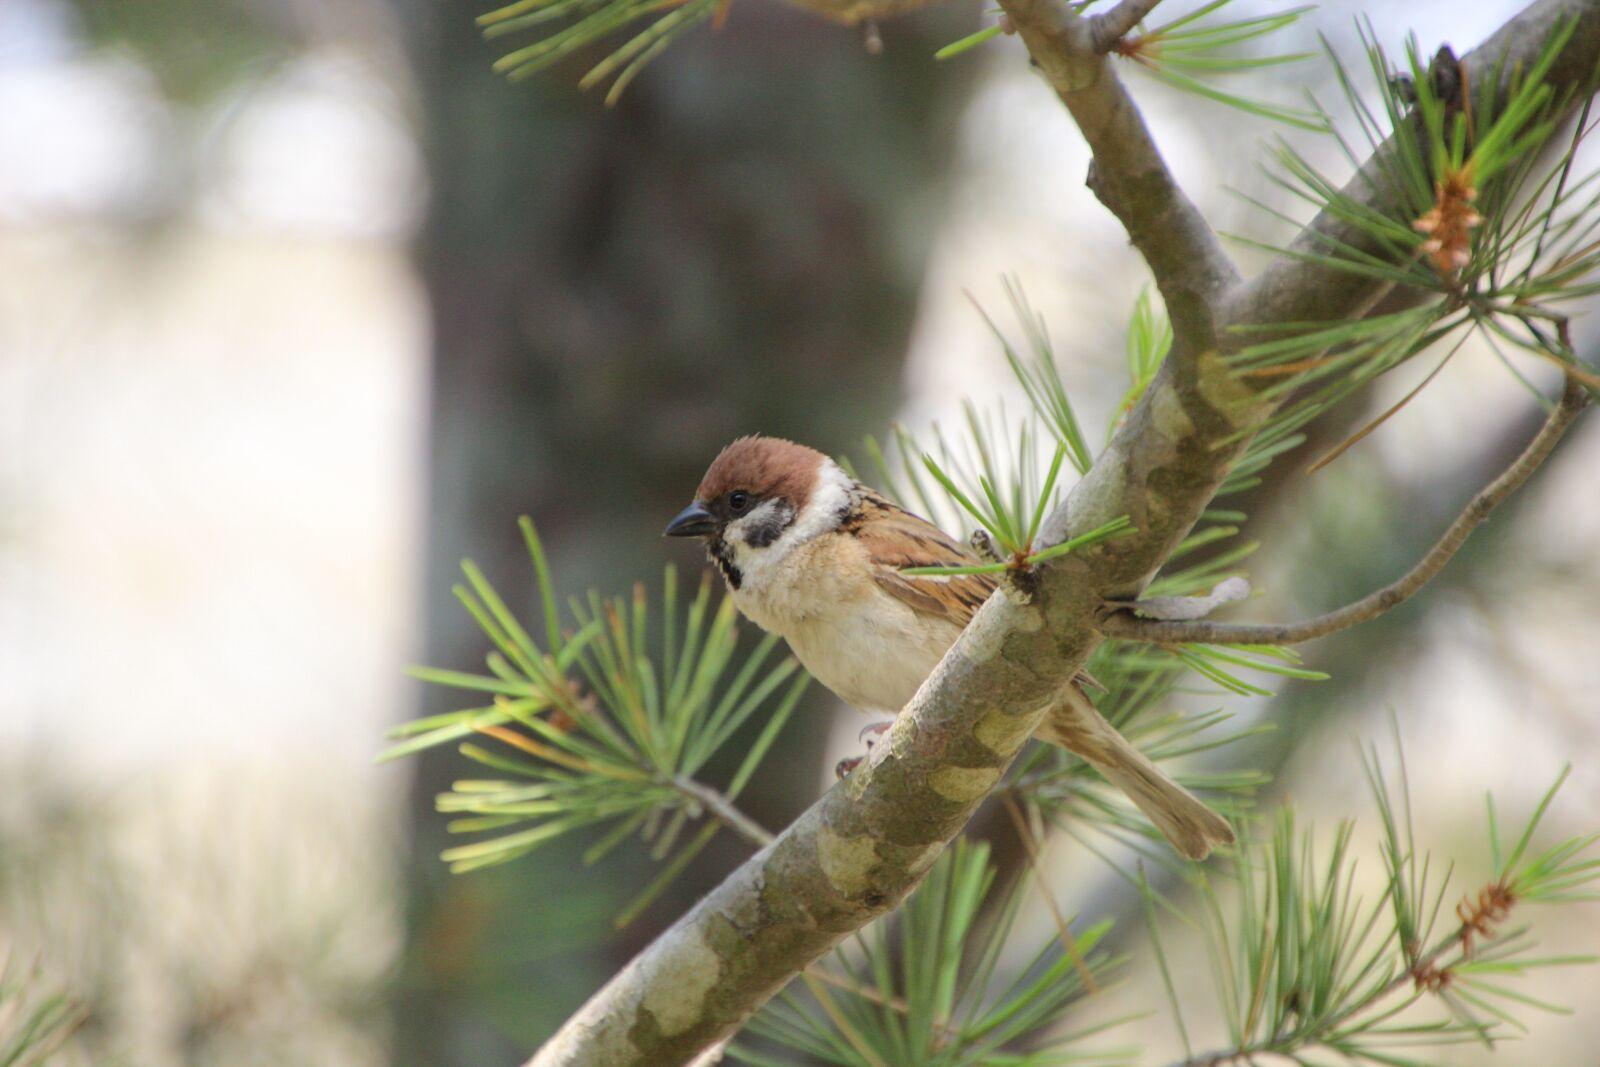 """Canon EOS 600D (Rebel EOS T3i / EOS Kiss X5) sample photo. """"Branch, bird, sparrow"""" photography"""